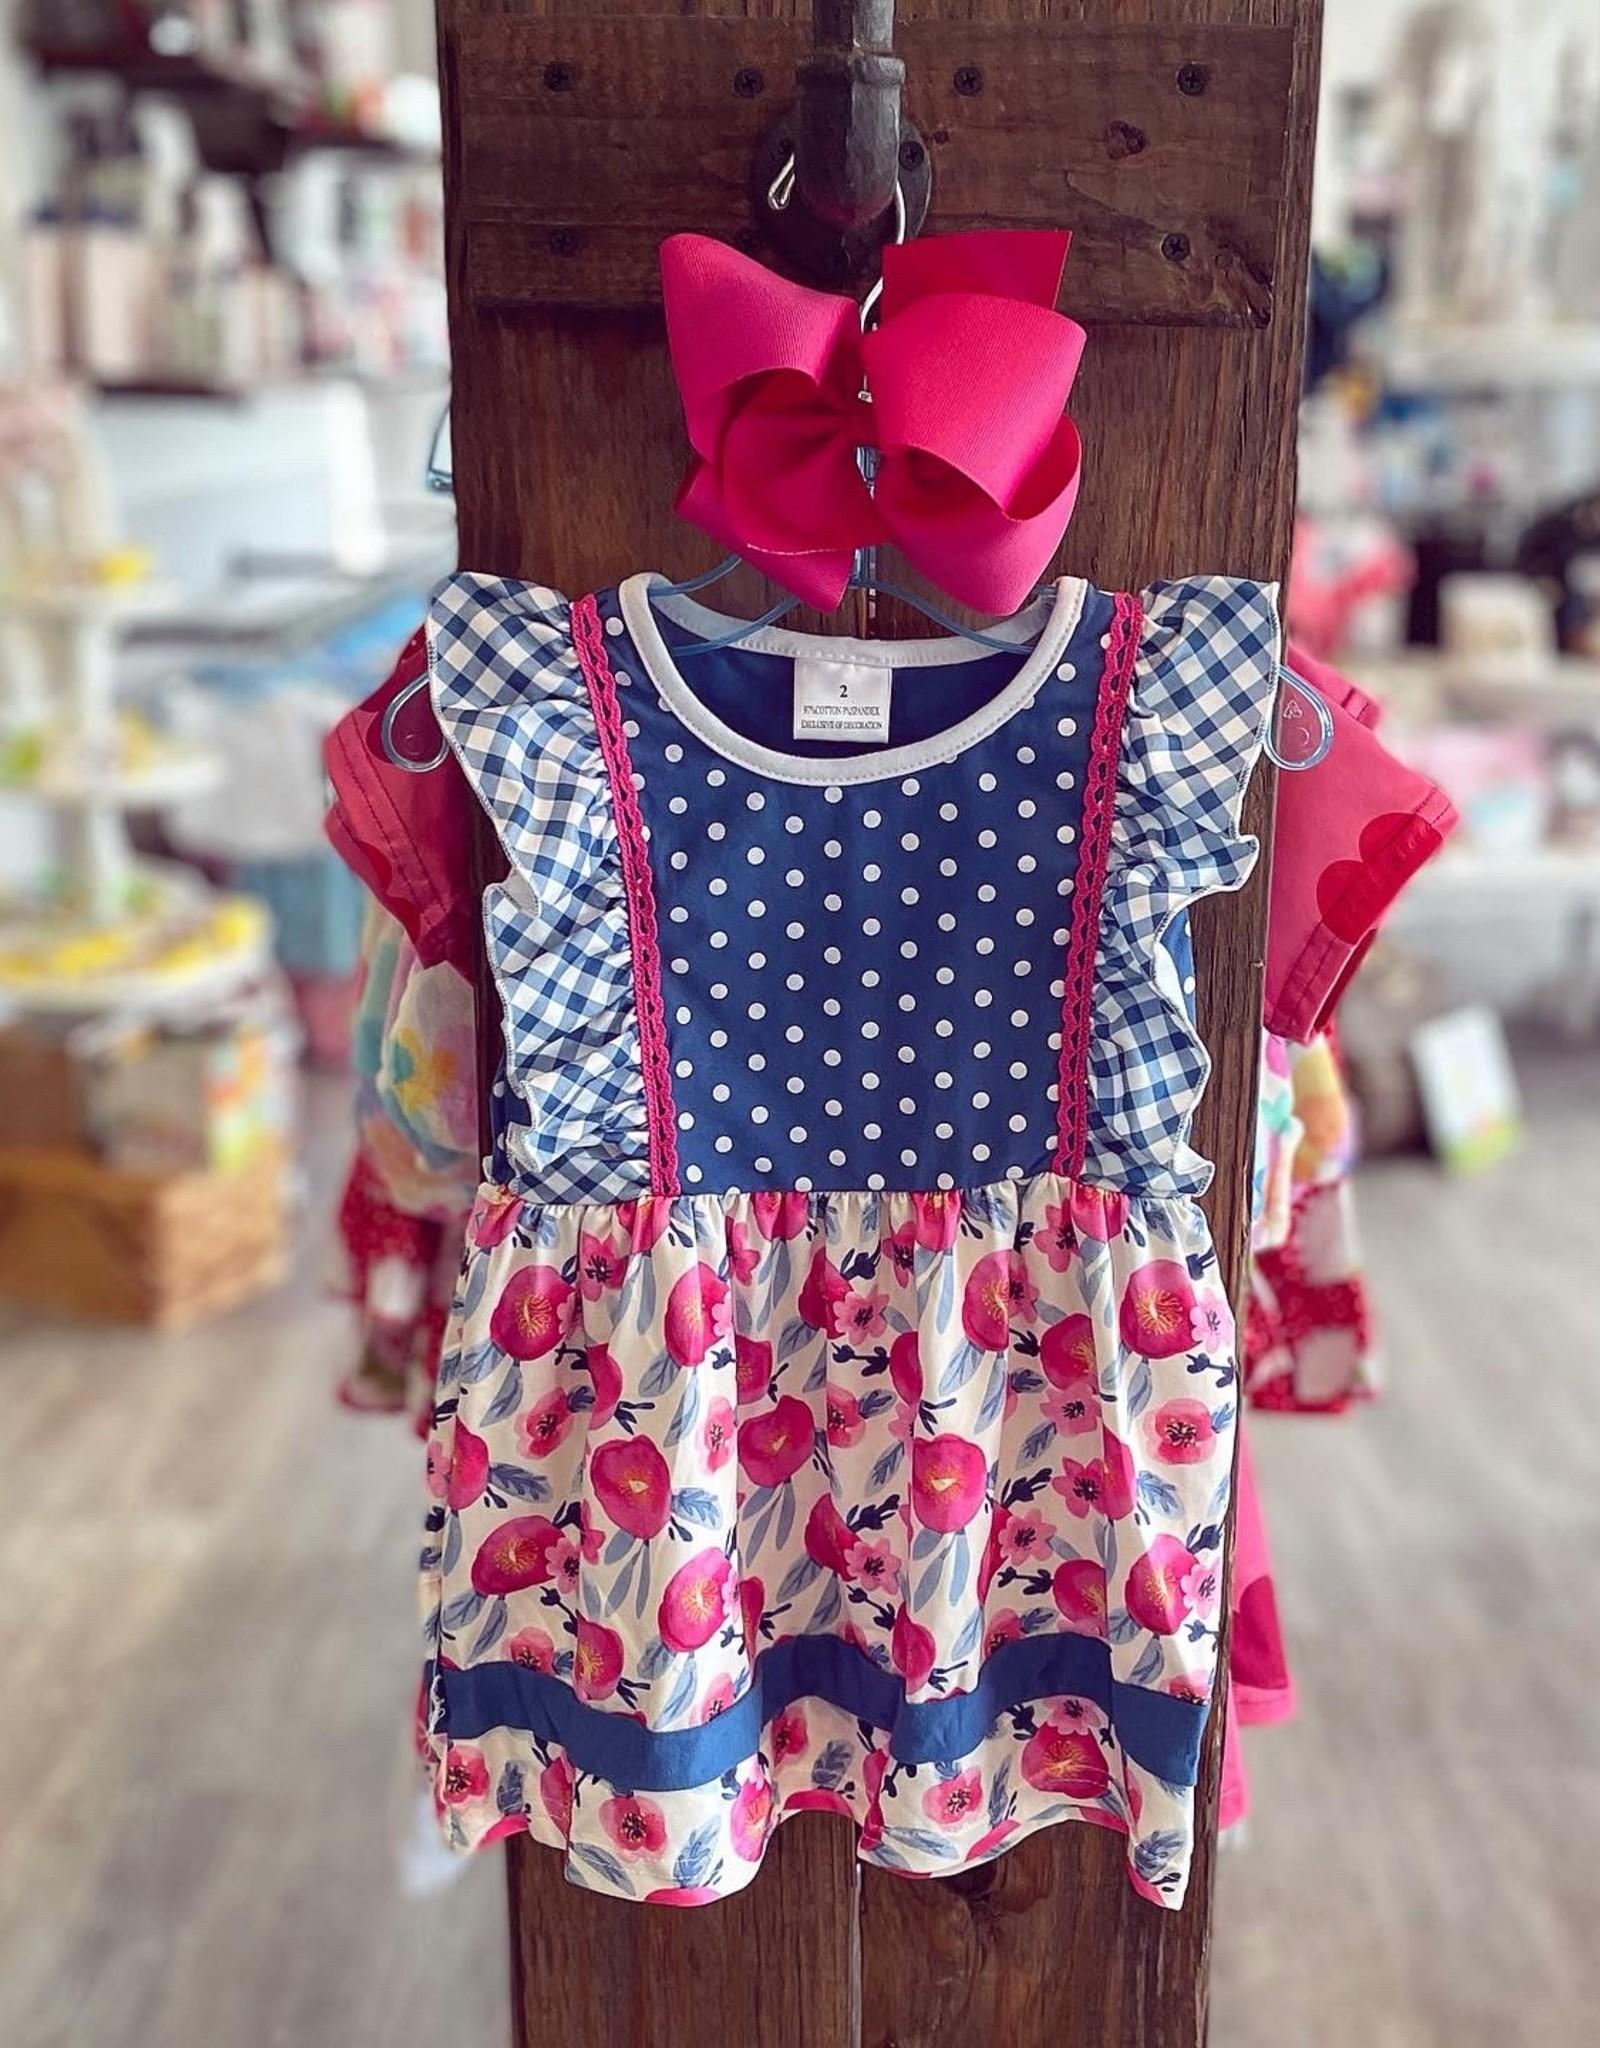 Honeydew Hannah Floral Dress